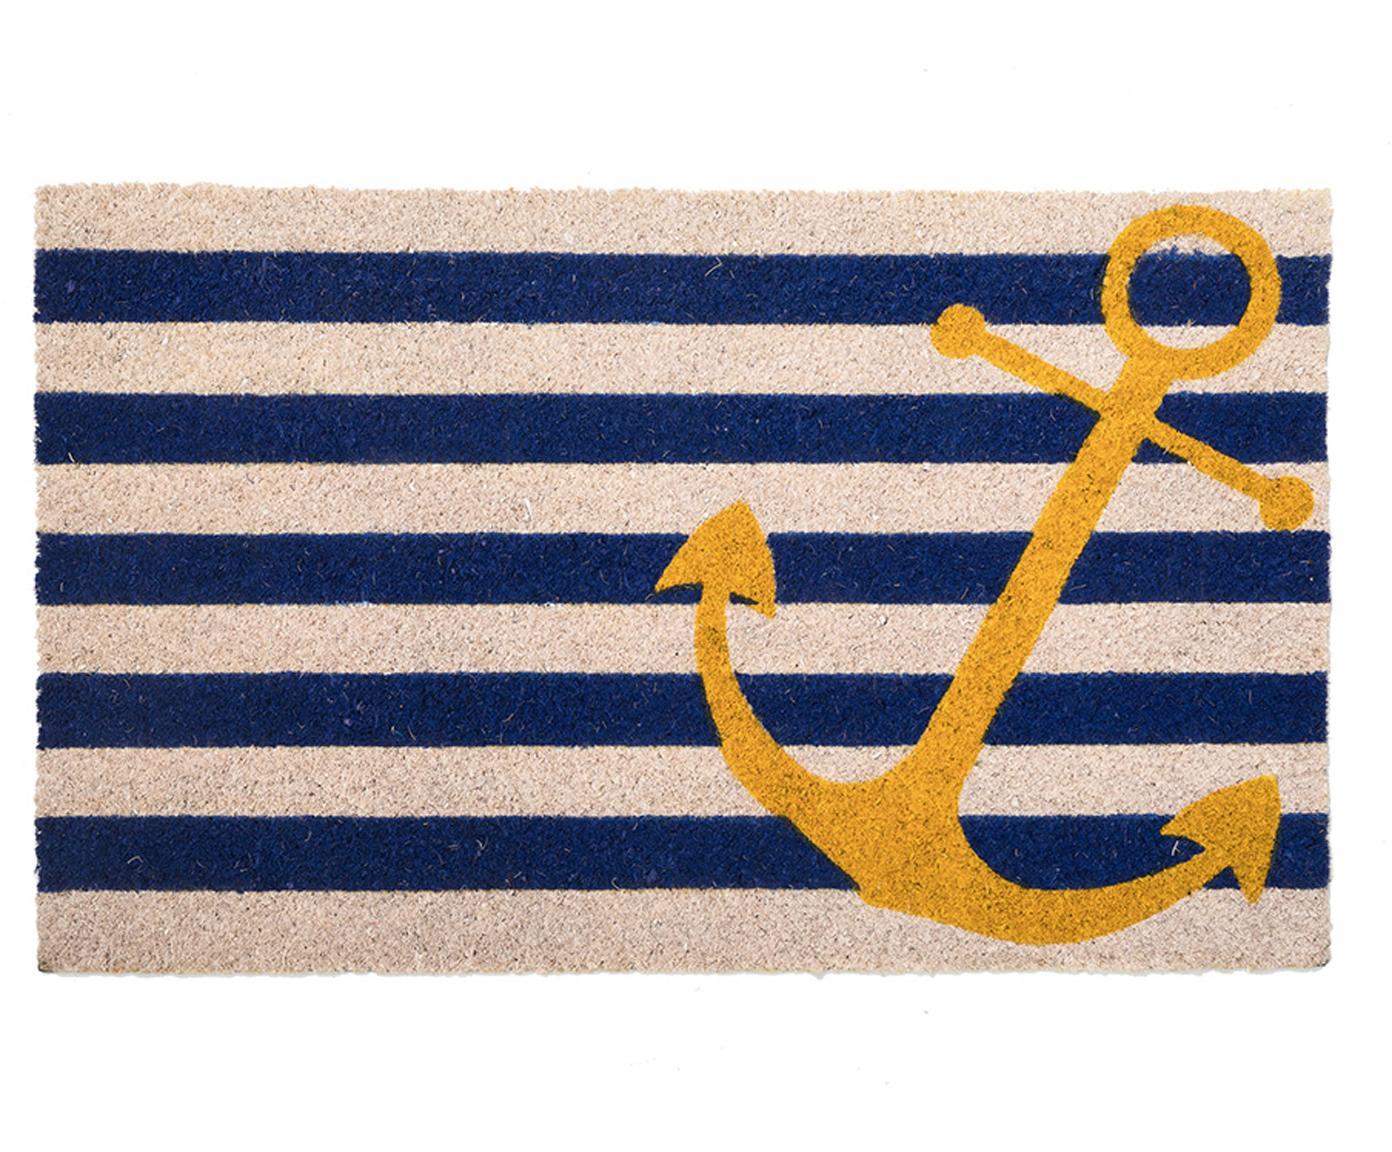 Fußmatte Yellow Anchor, Kokosfaser, Hellbeige, Blau, Gelb, 45 x 75 cm